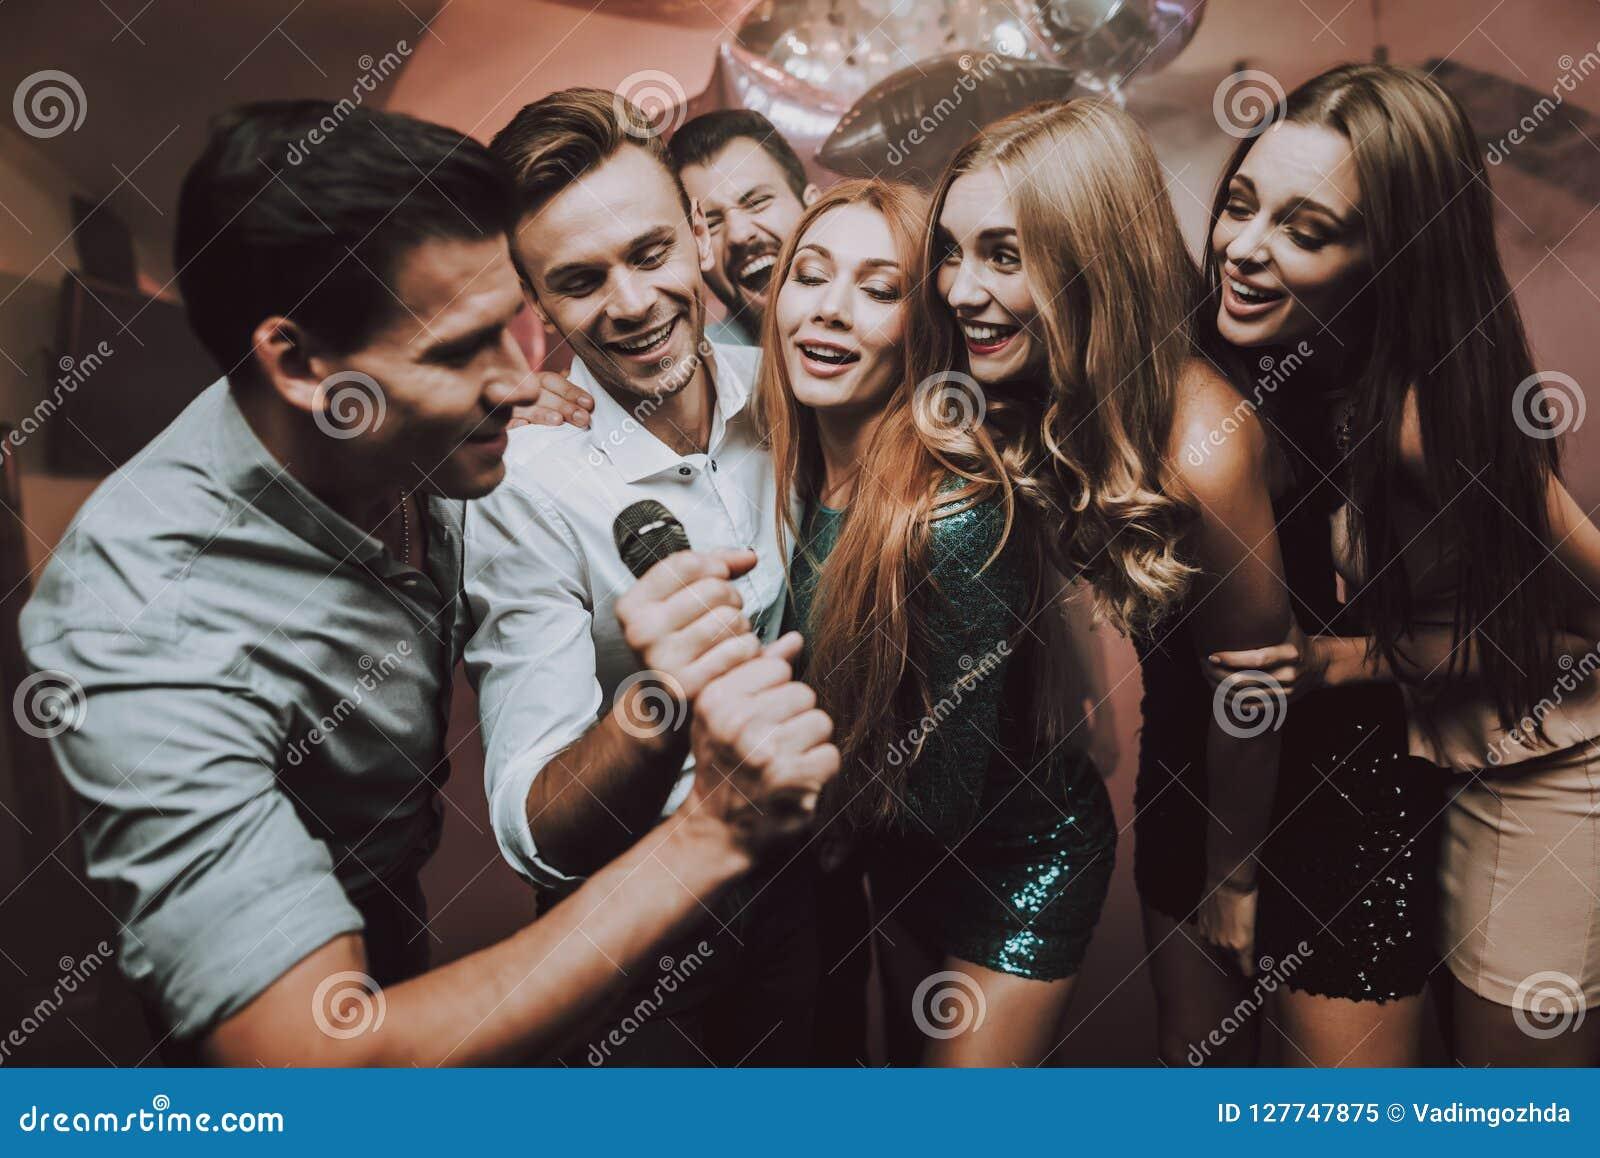 Девочки и мальчики в ночном клубе секс услуги в ночных клубах